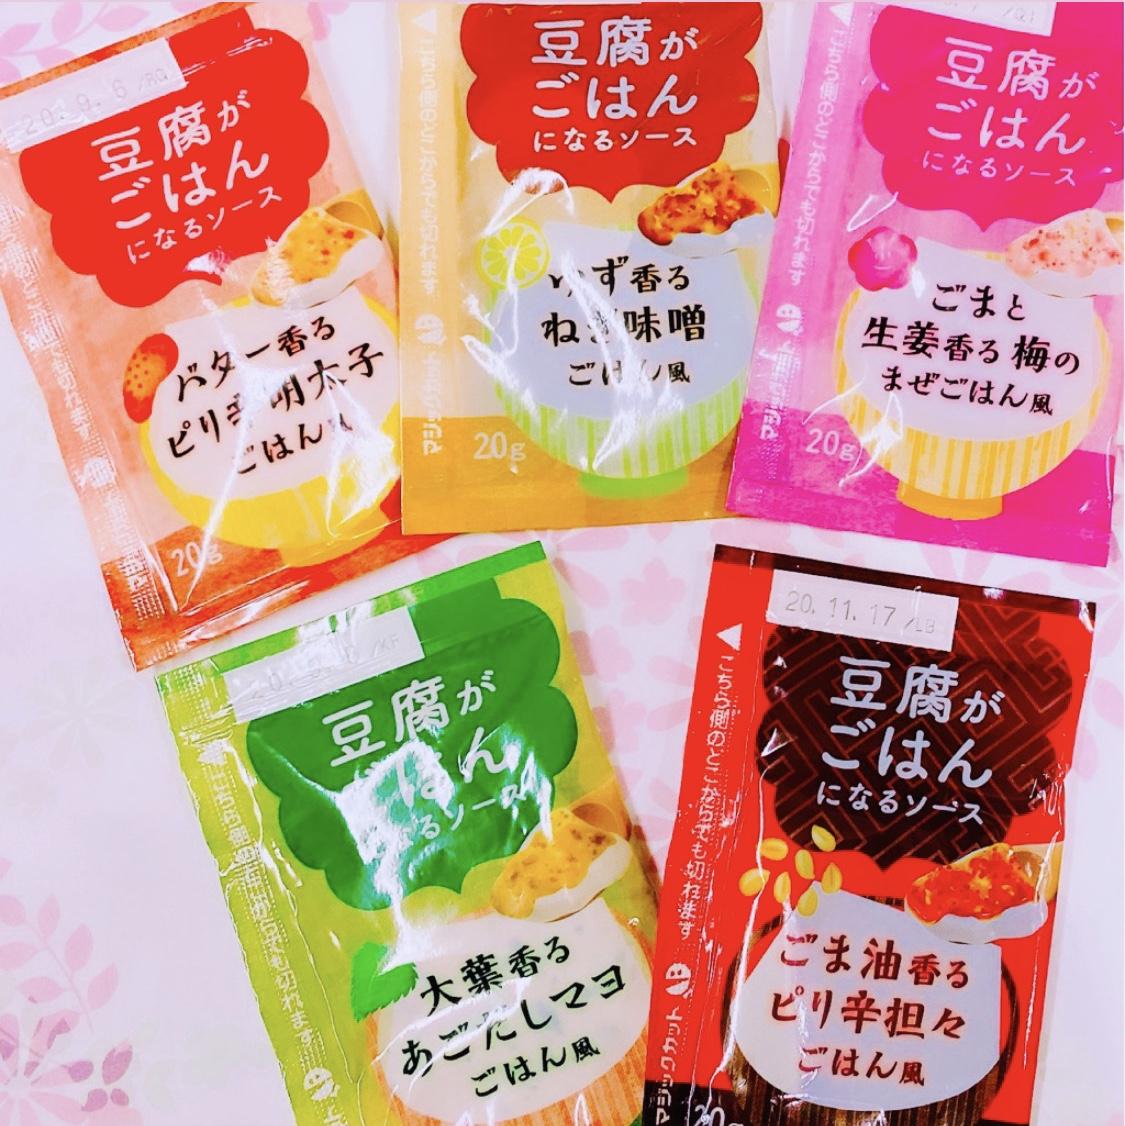 【豆腐がご飯になる】かけるだけで豆腐をご飯の代わりにして楽しめるソース_1